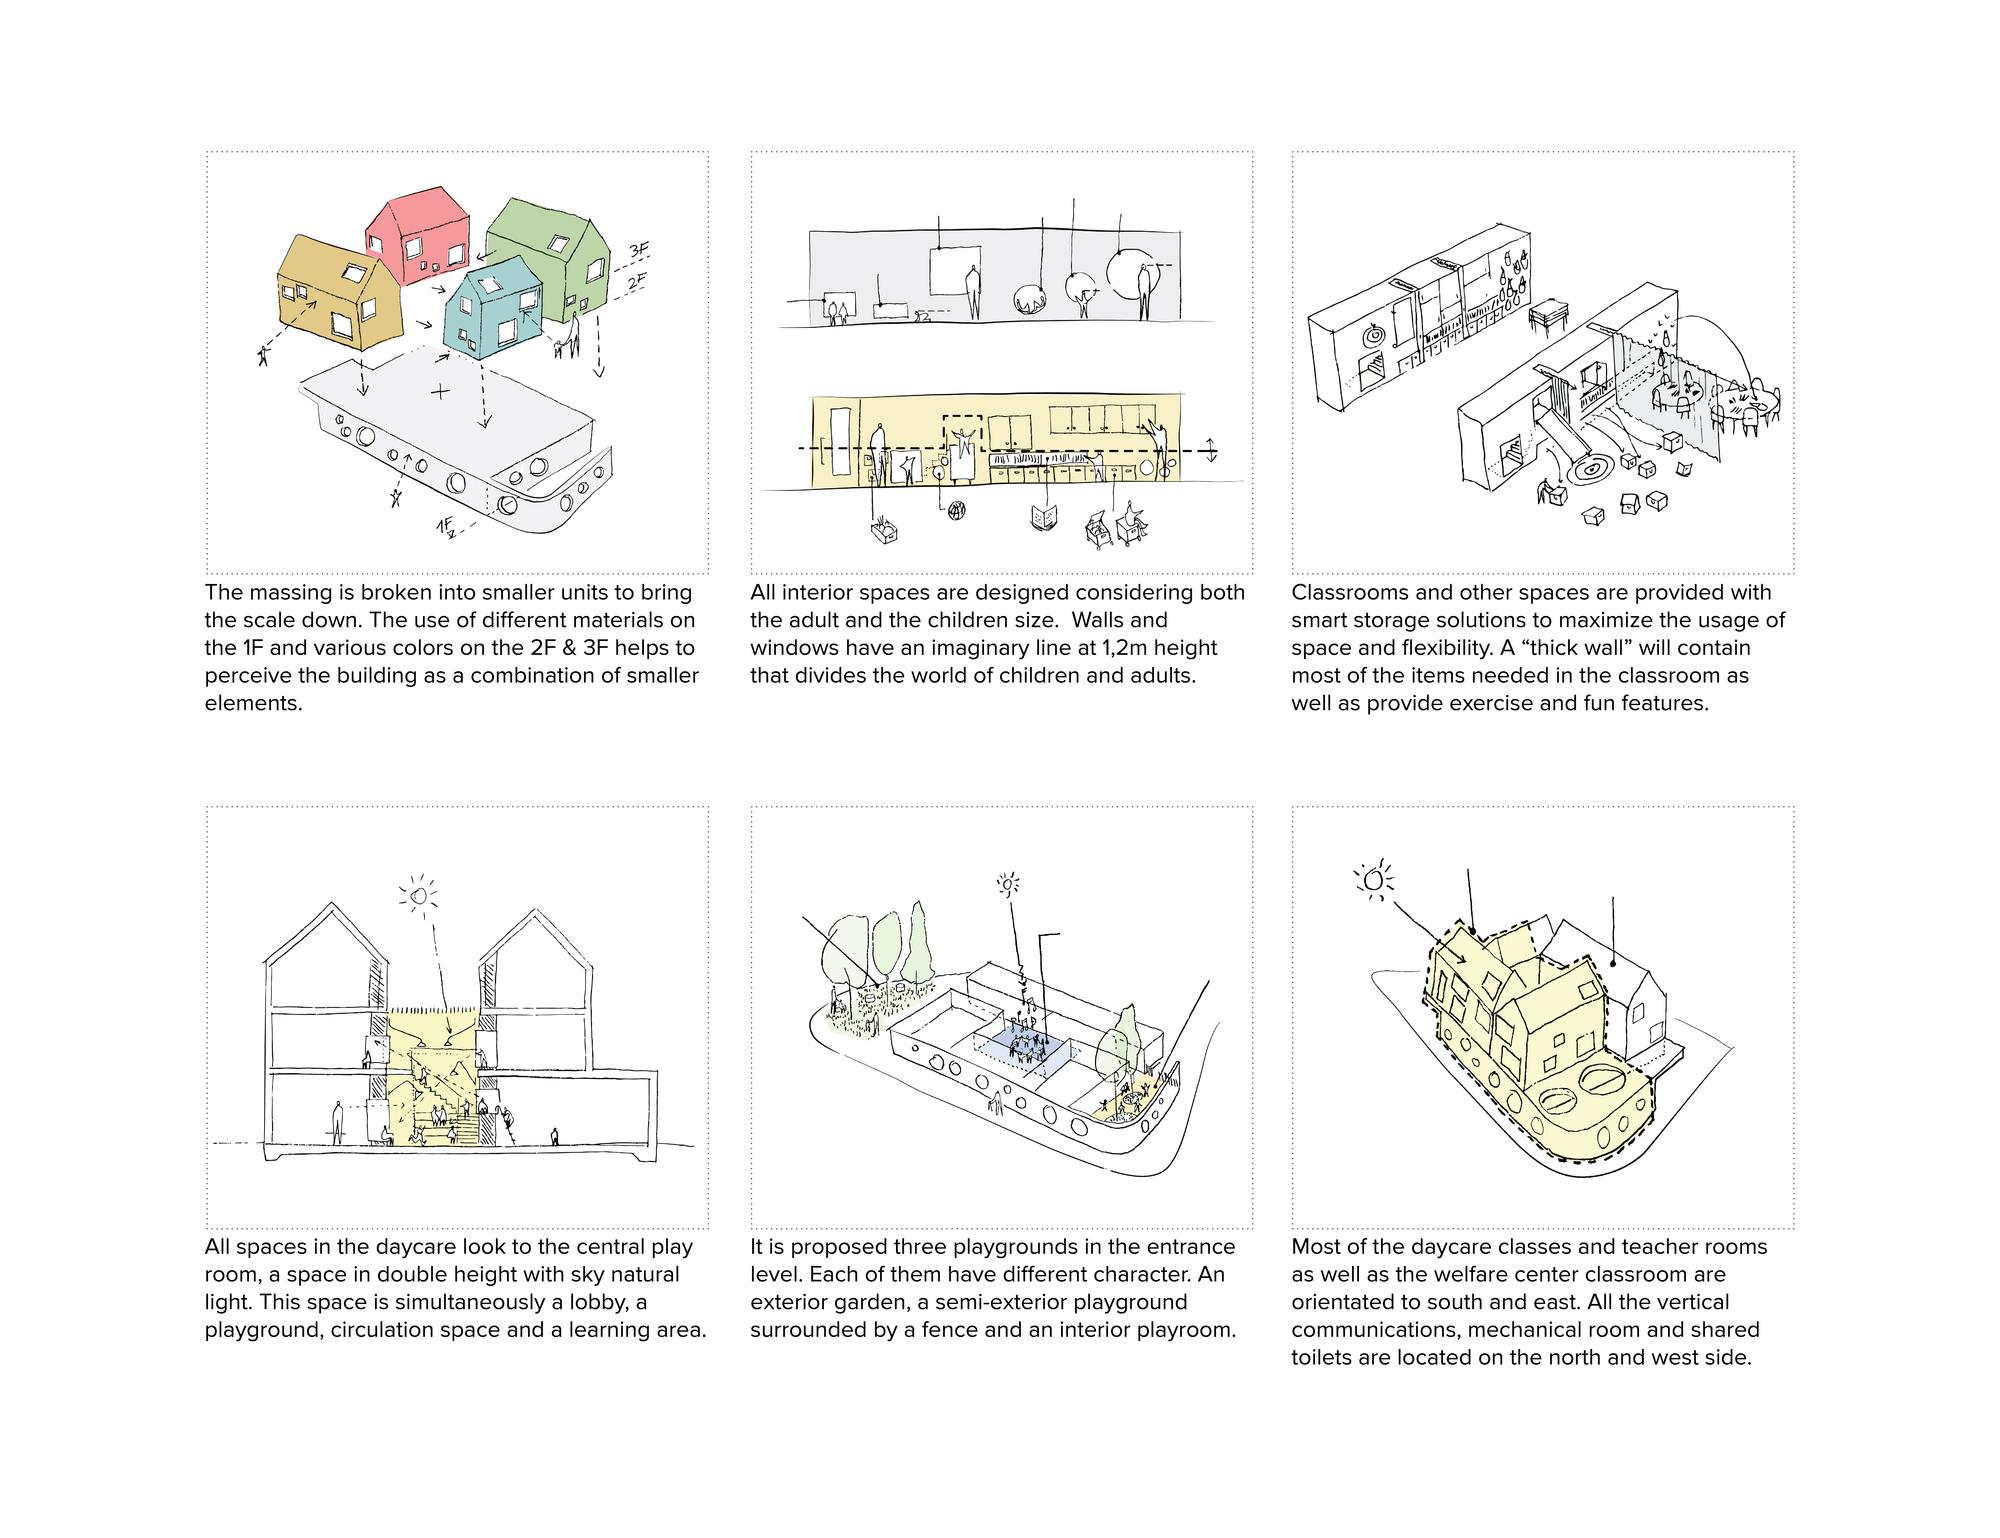 Galeria de daniel valle architects revela proposta de for The concept of space in mamluk architecture